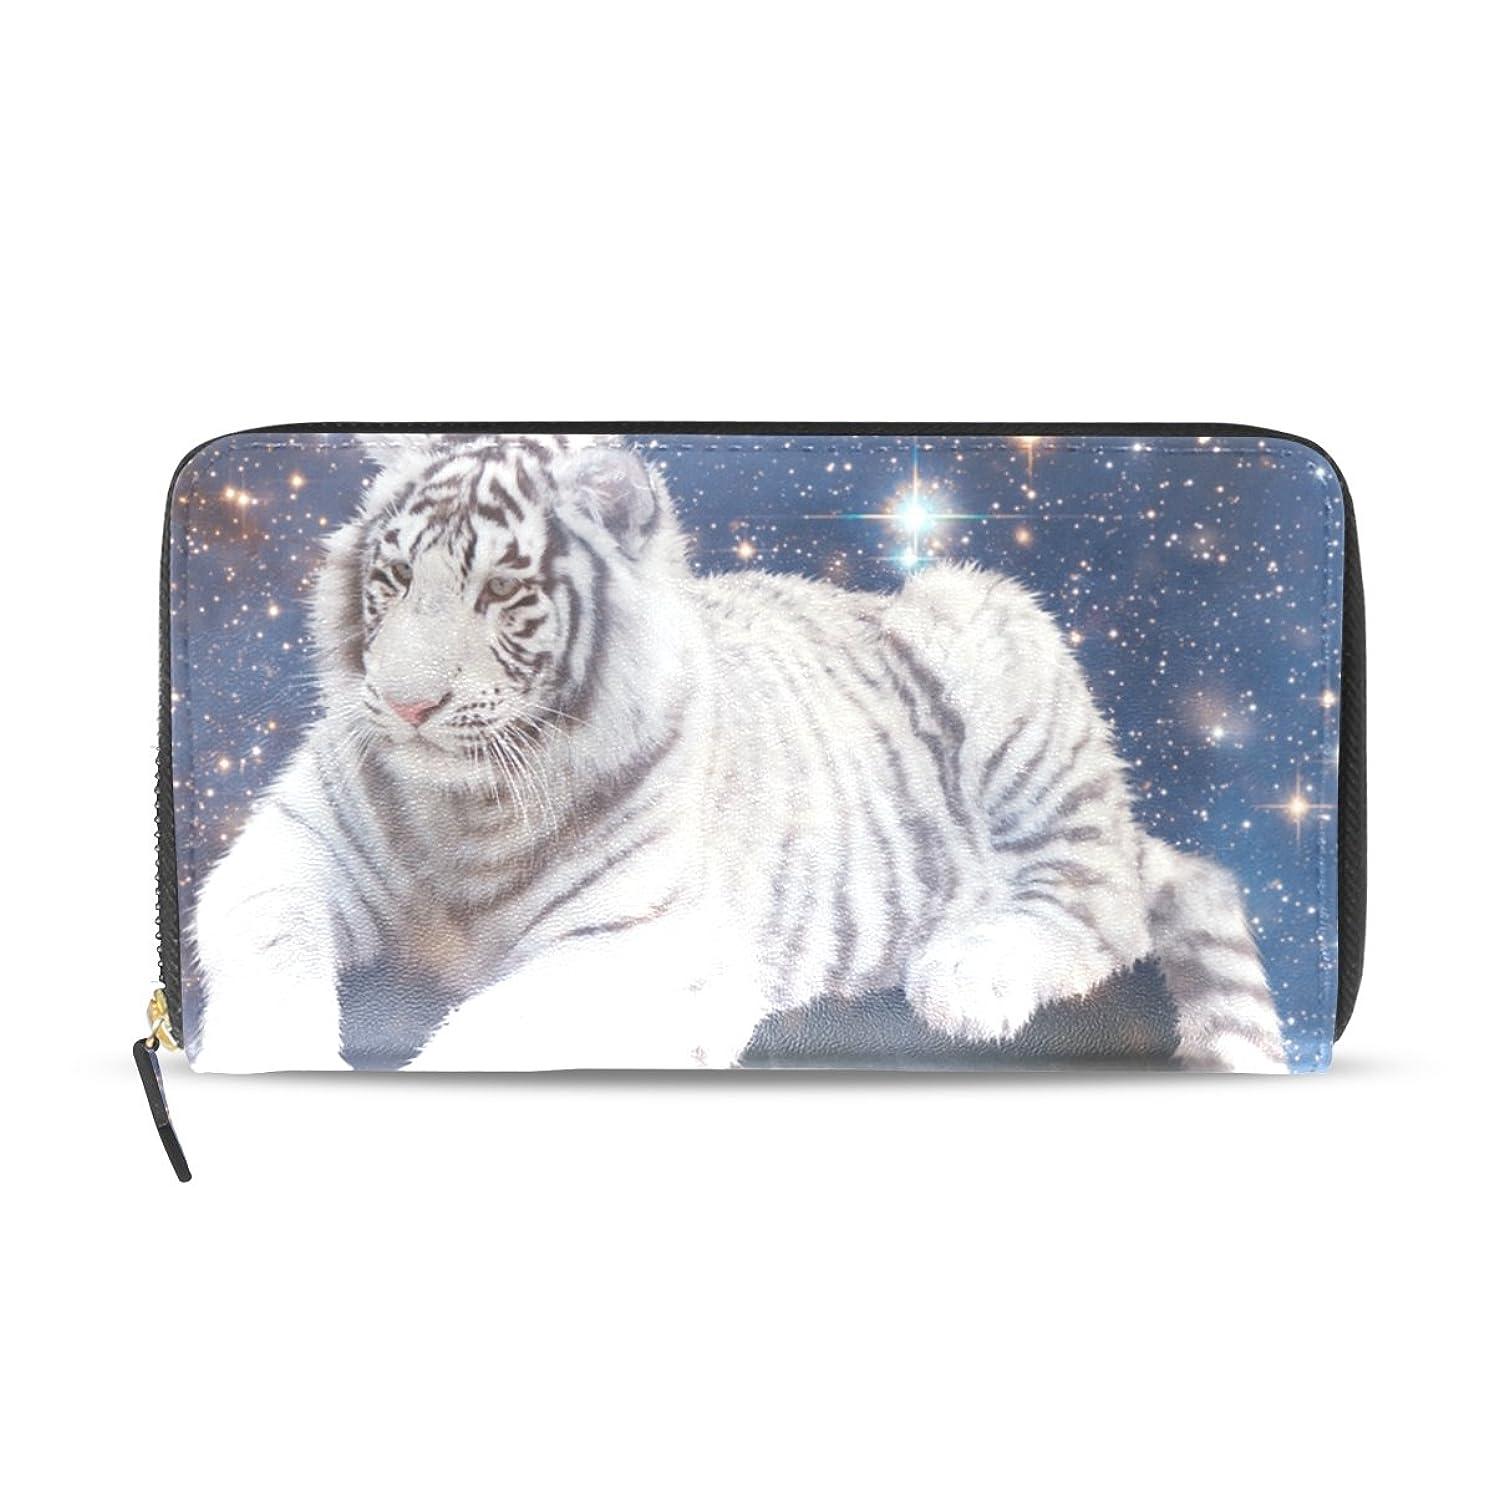 人間読者うまくいけばAOMOKI 財布 レディース 長財布 大容量 タイガー 地球 ラウンドファスナー PUレザー 幅20*丈11cm